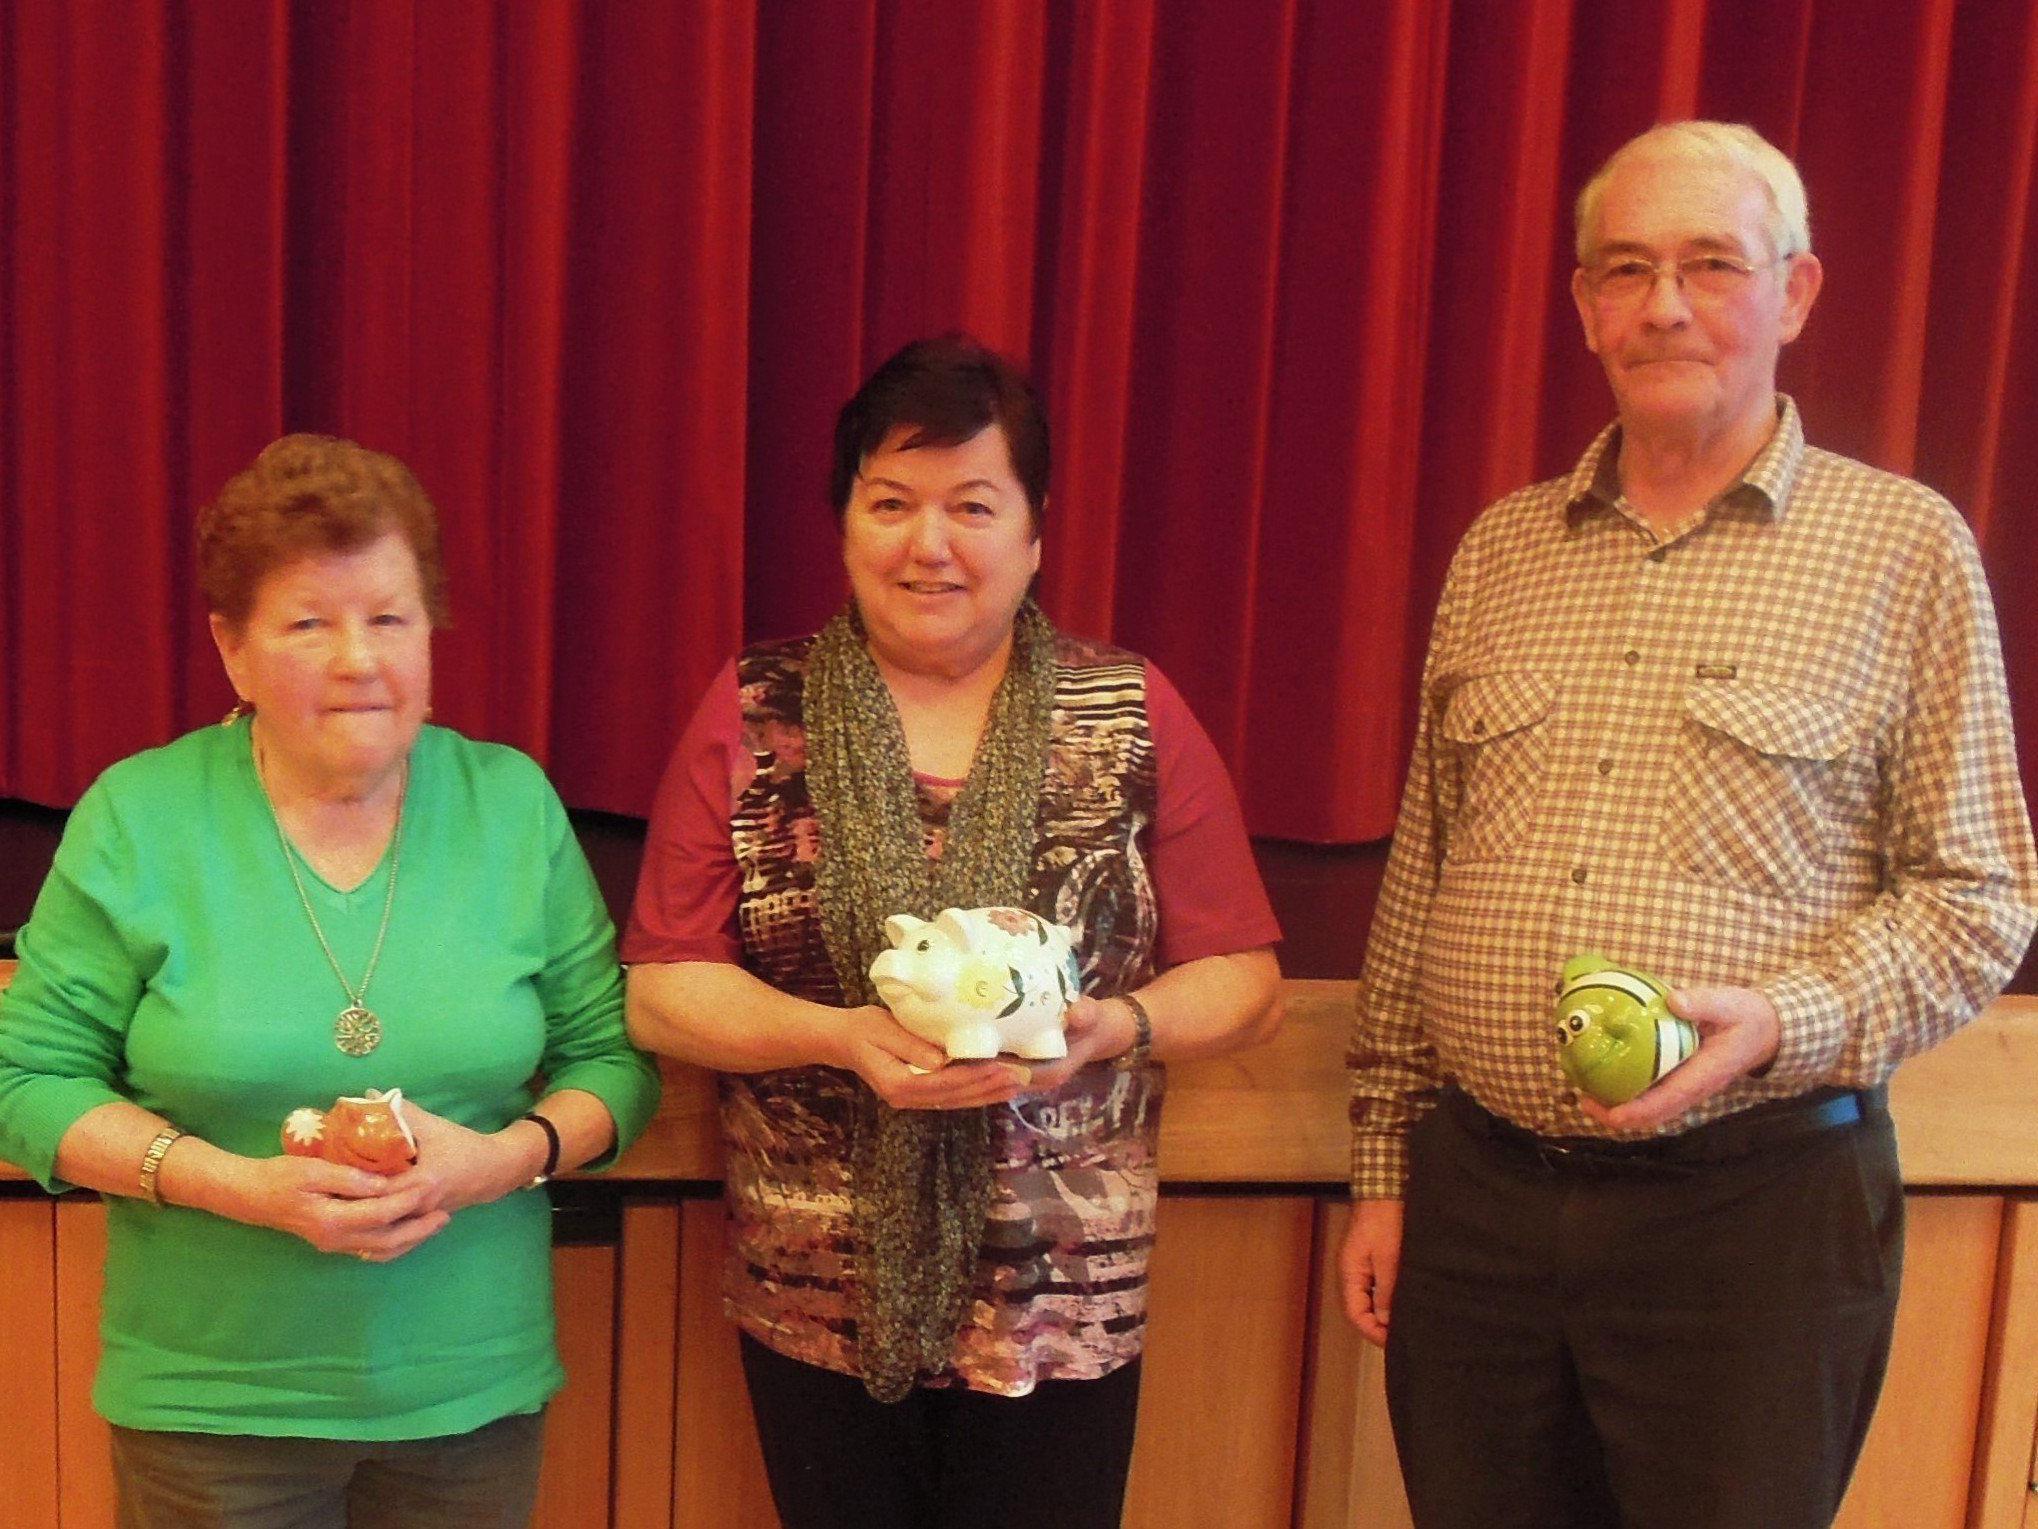 rmin Spalt konnte Burtscher Gerd und Kilzer Marlies – gleiche Punkteanzahl – zum 1. Preis gratulieren. 3. wurde Konzett Hildegard.